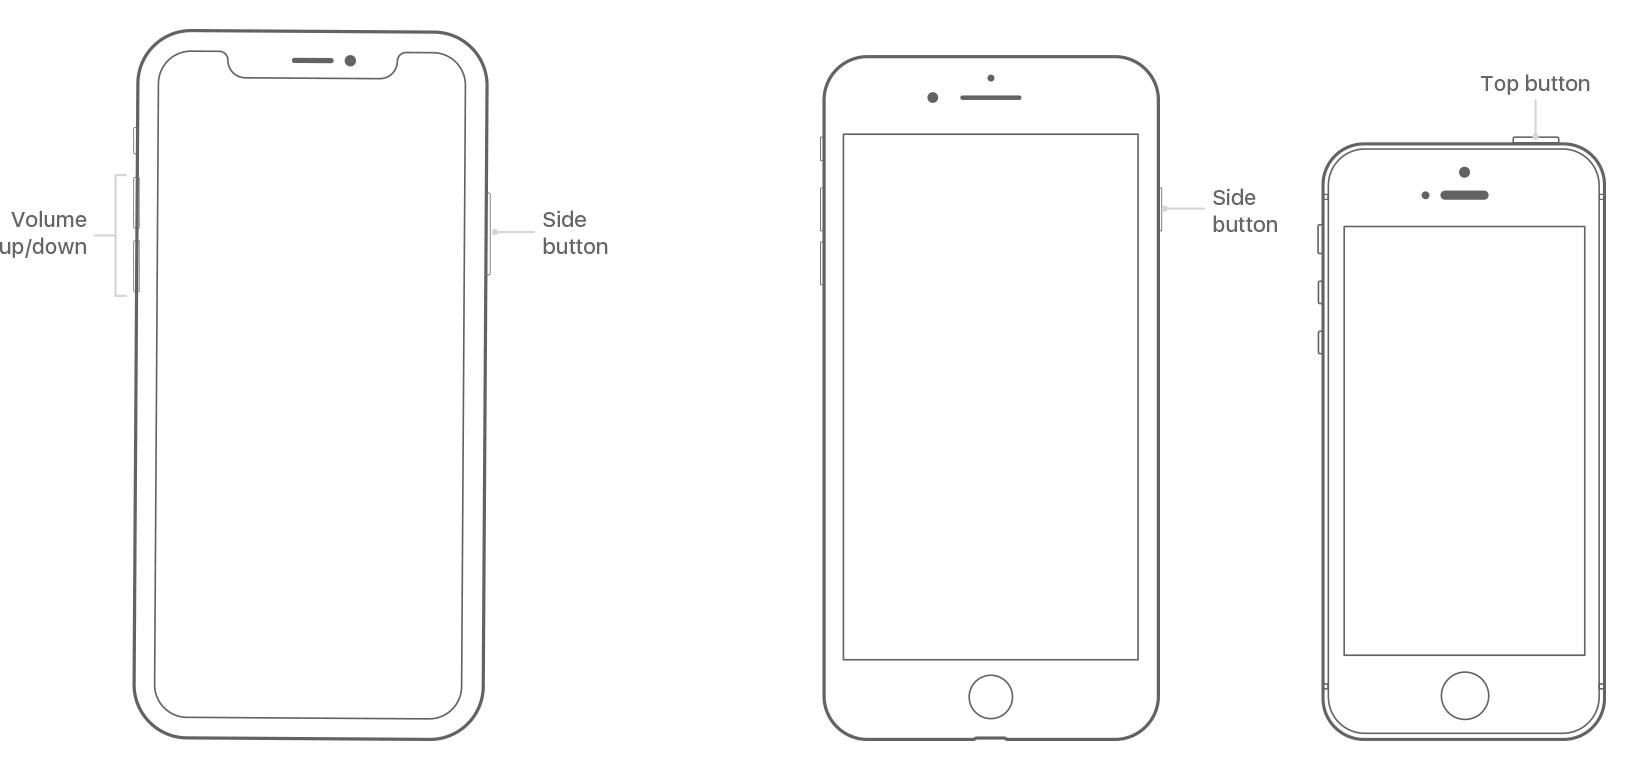 14 mẹo xử lý lỗi cơ bản mọi người dùng iPhone cần biết - ảnh 2